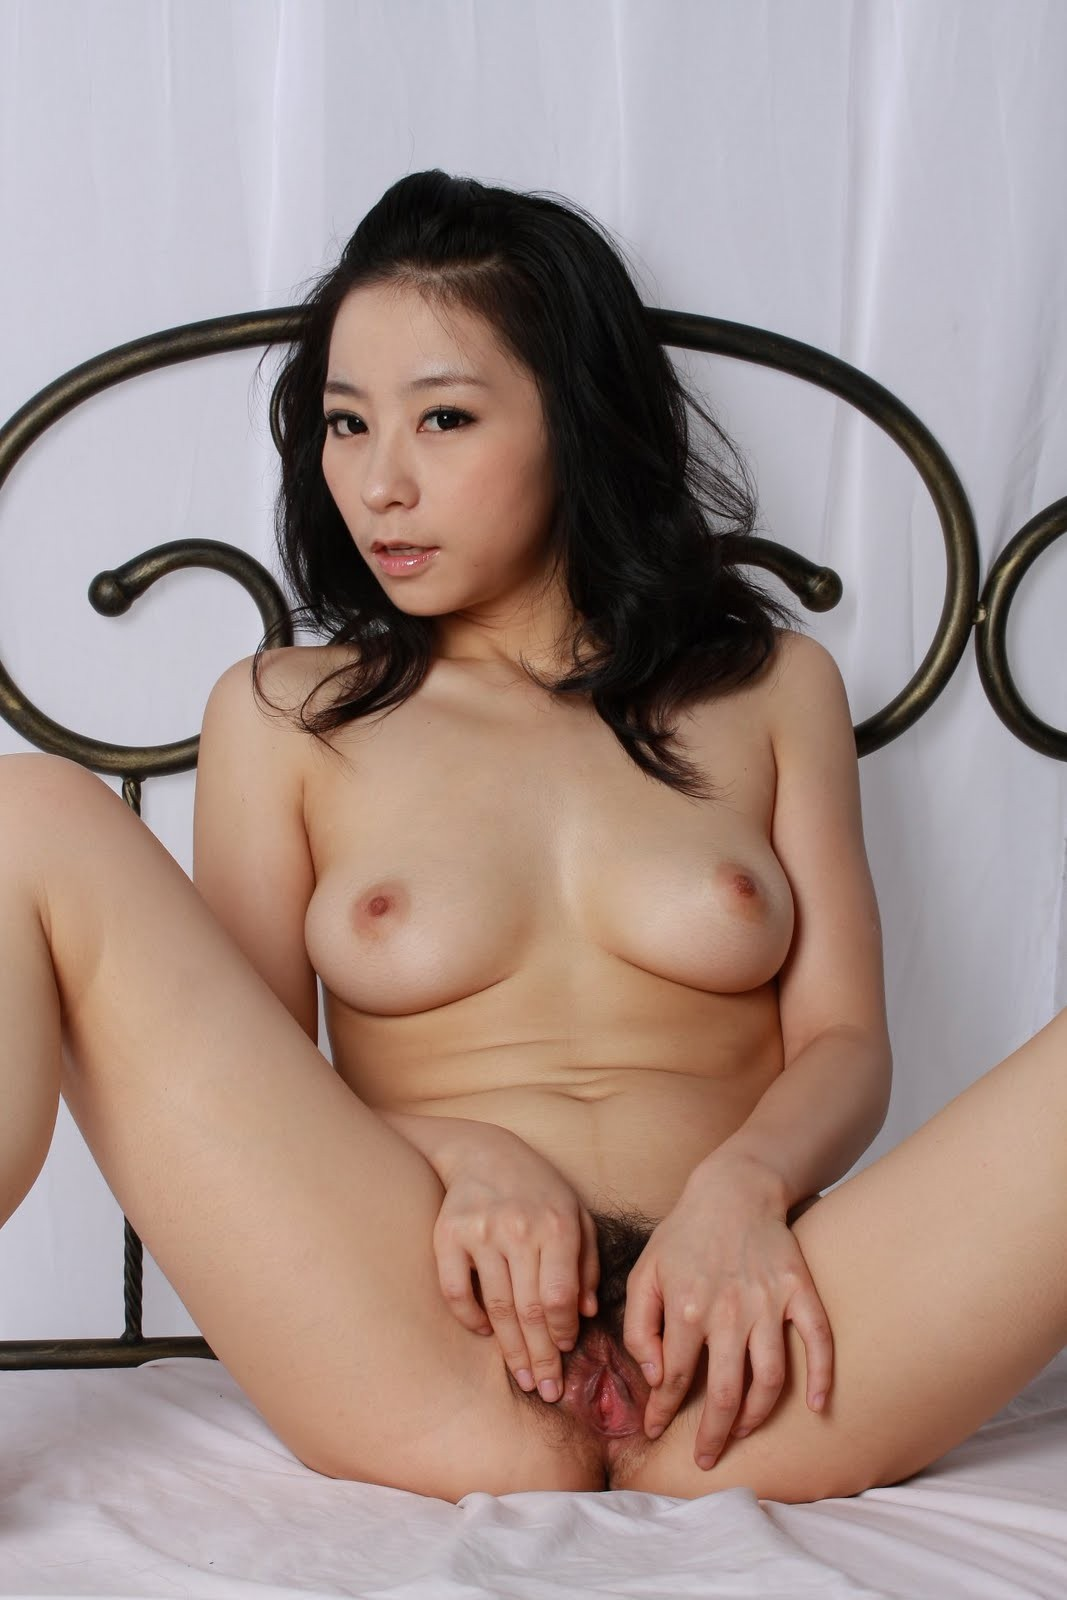 asiatischen Porno-Bilder - kostenlos Pornobilder - Foto 1423